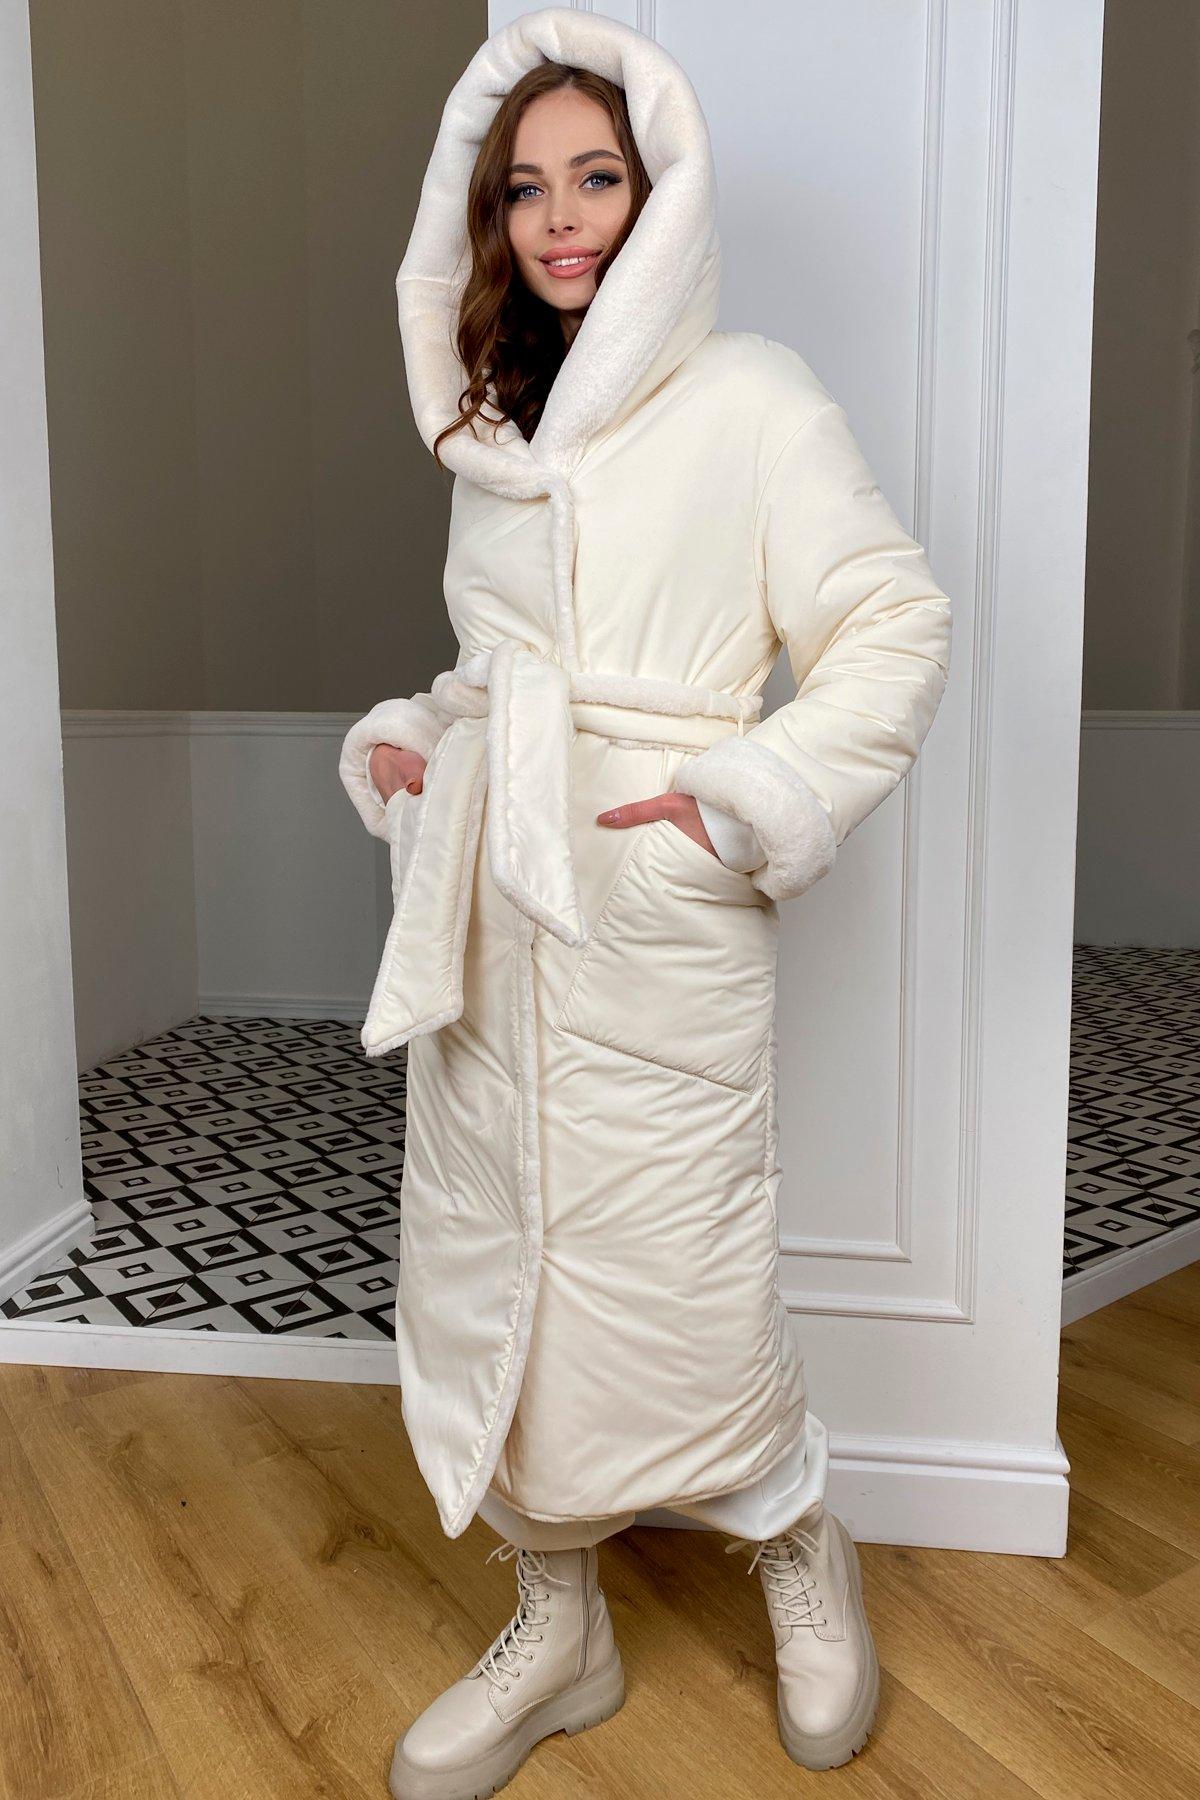 Сноу  теплое двухстороннее пальто из  еко меха и плотной  плащевки 9956 АРТ. 46669 Цвет: Молоко/Молоко 6 - фото 6, интернет магазин tm-modus.ru